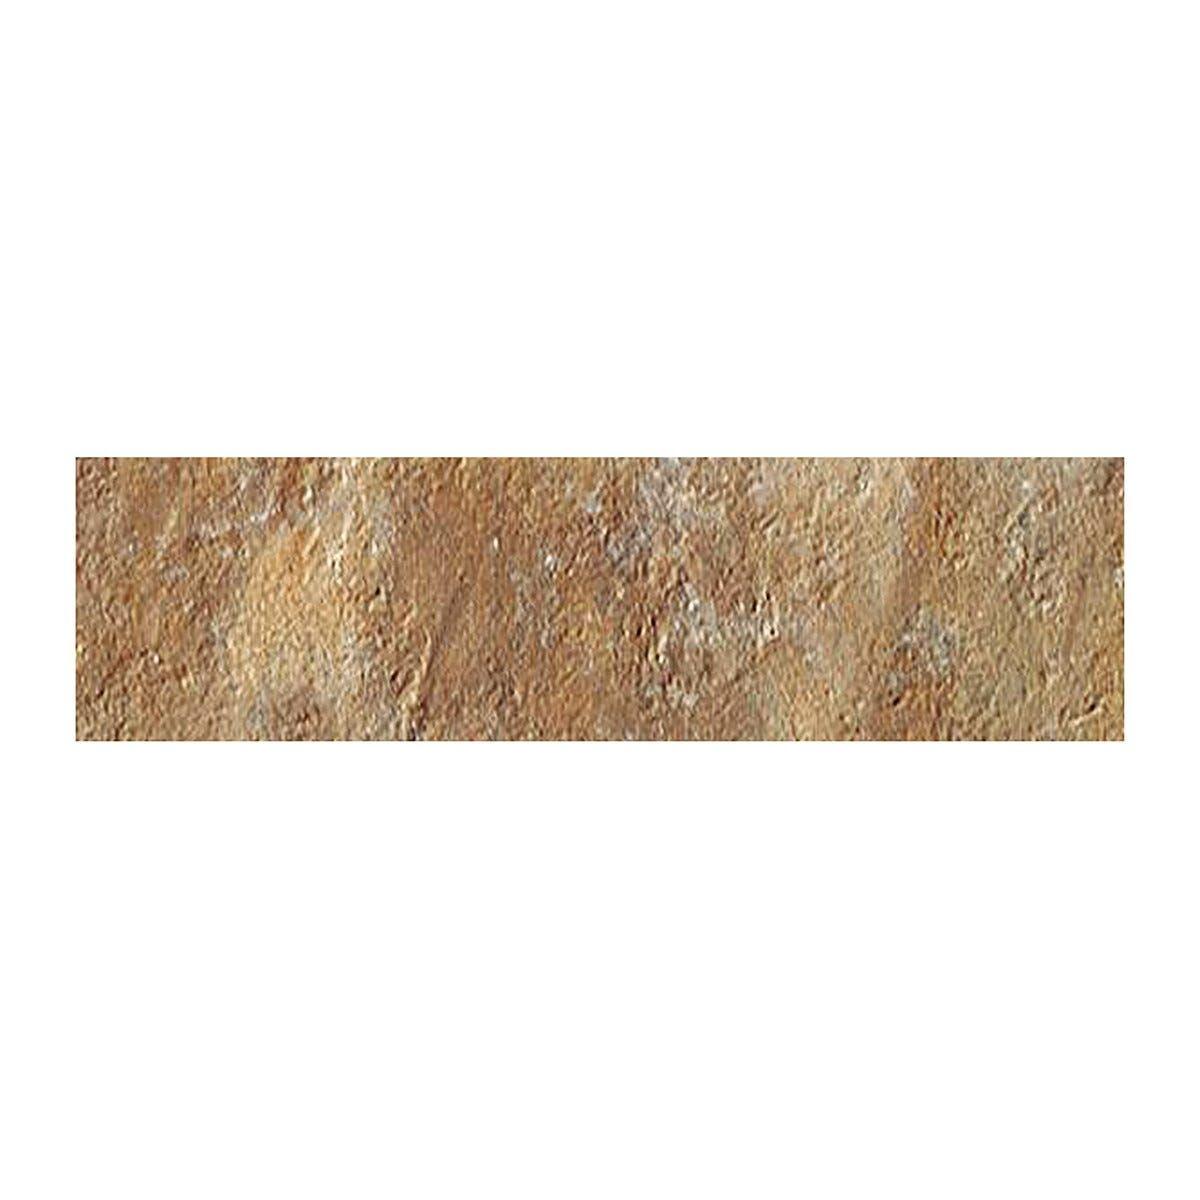 spray _dry mattoncino antico casale ocra 6x25x0,9 cm pei 5 r10 gres porcellanato